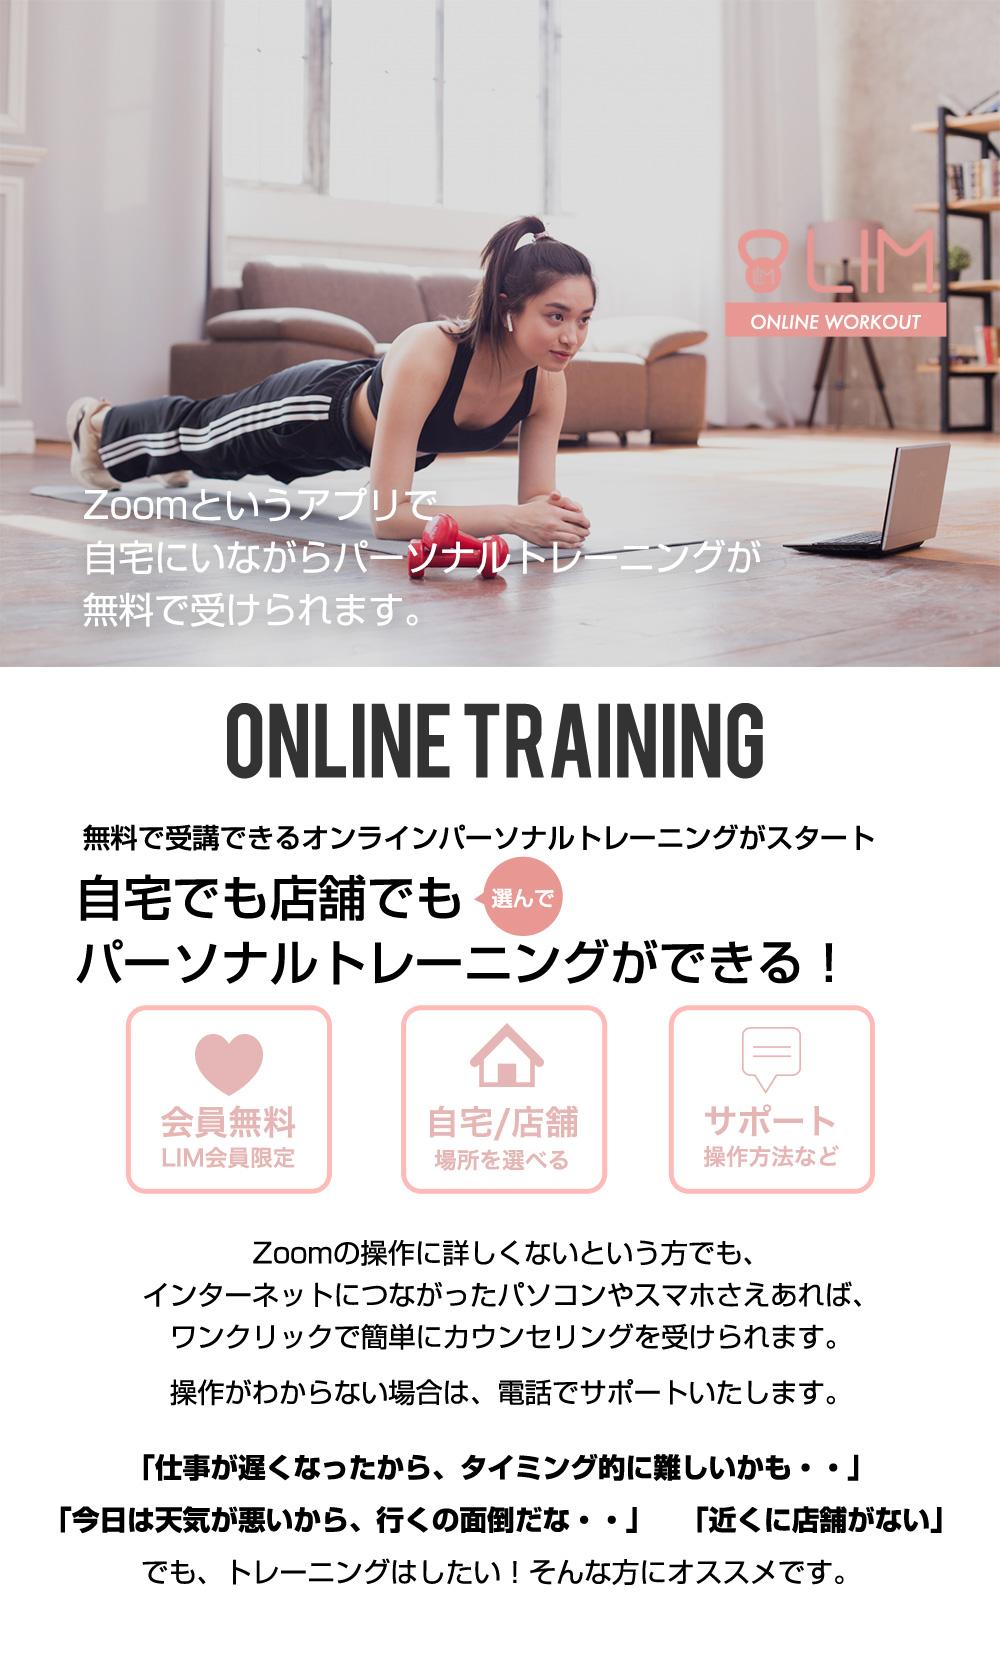 オンライントレーニング開始